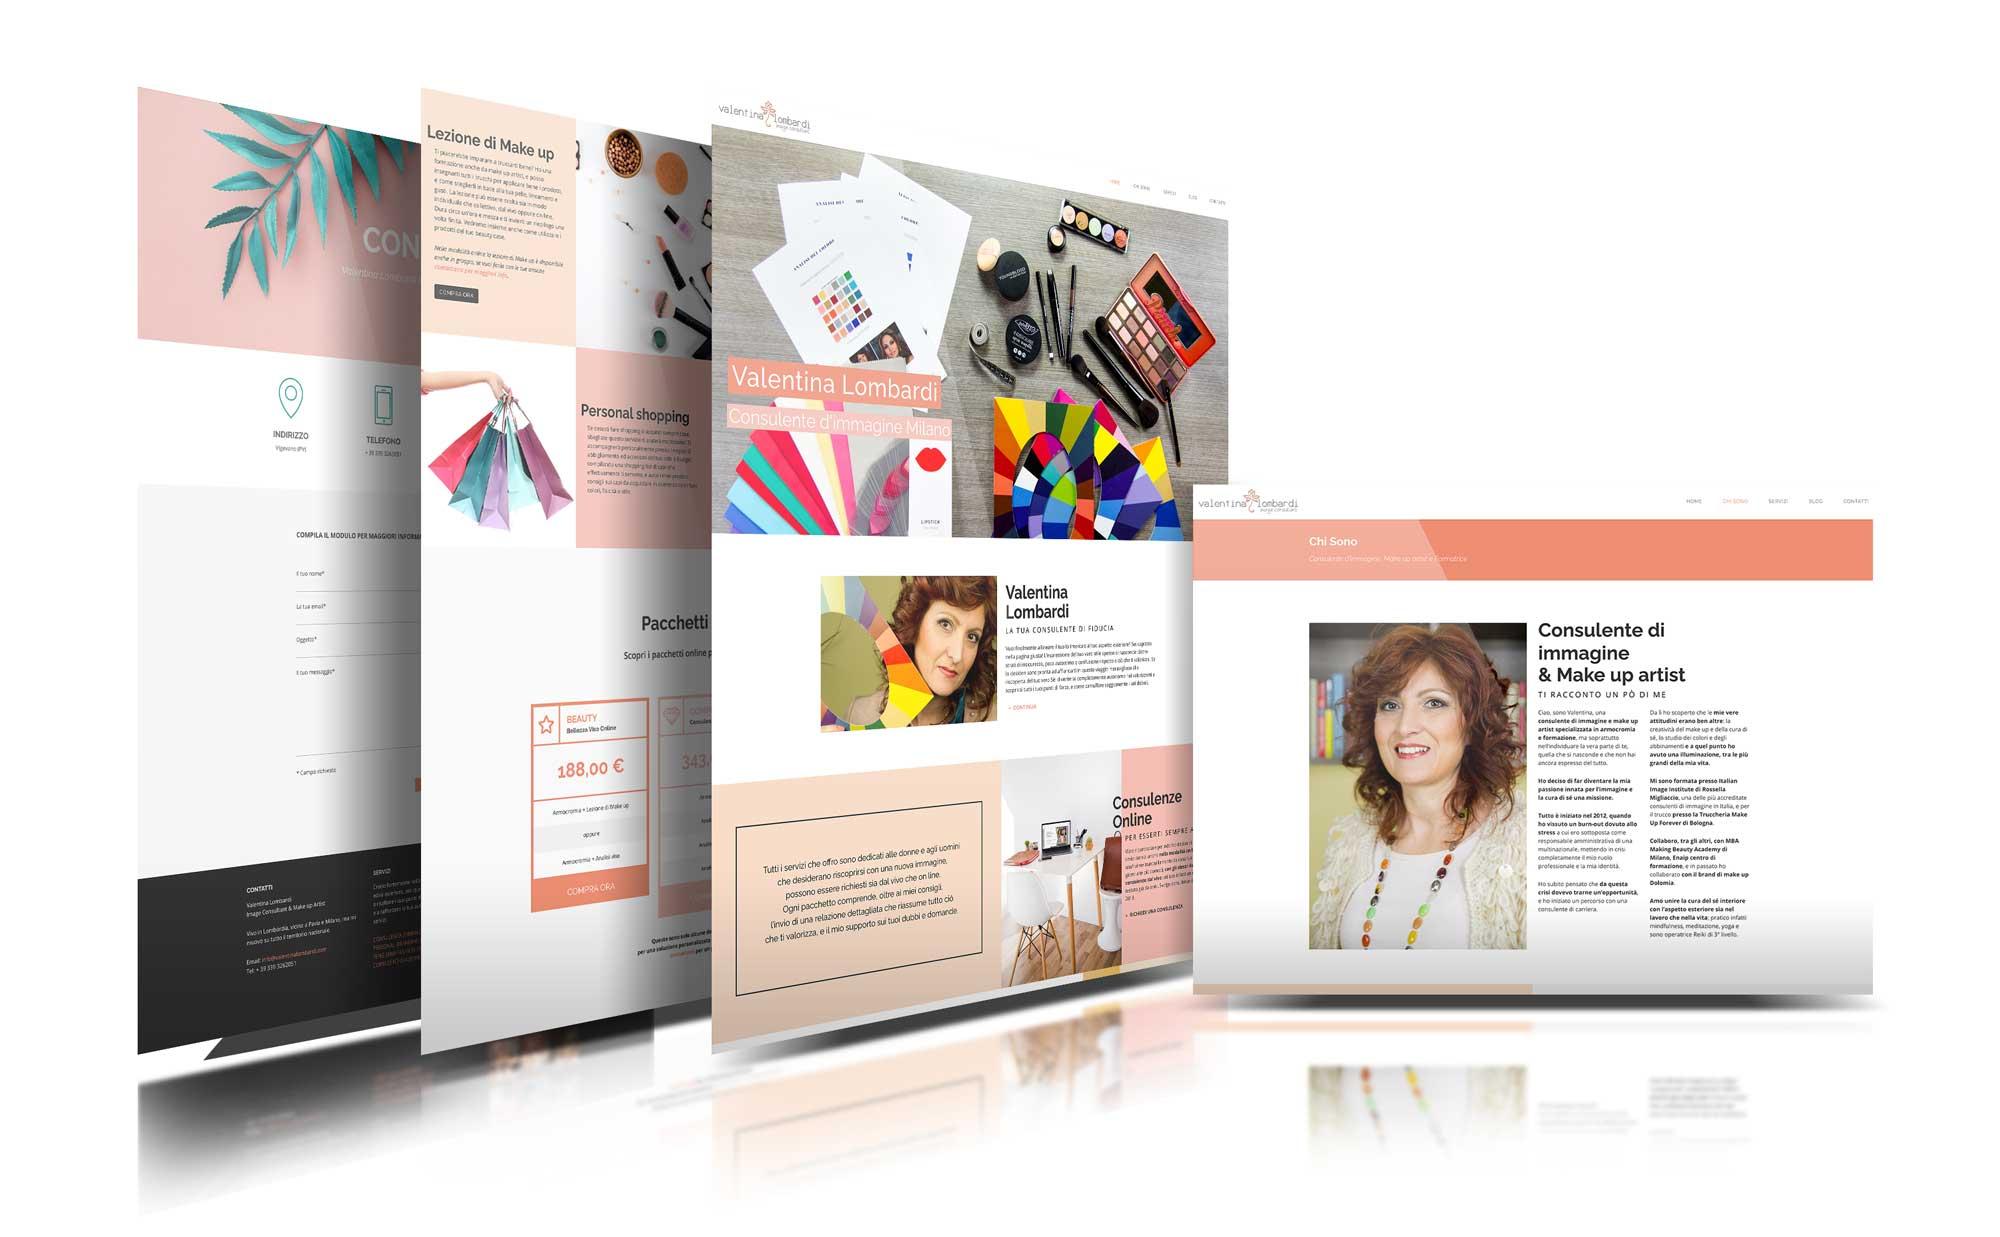 Valentina Lombardi Restyle sito web Giaco studio